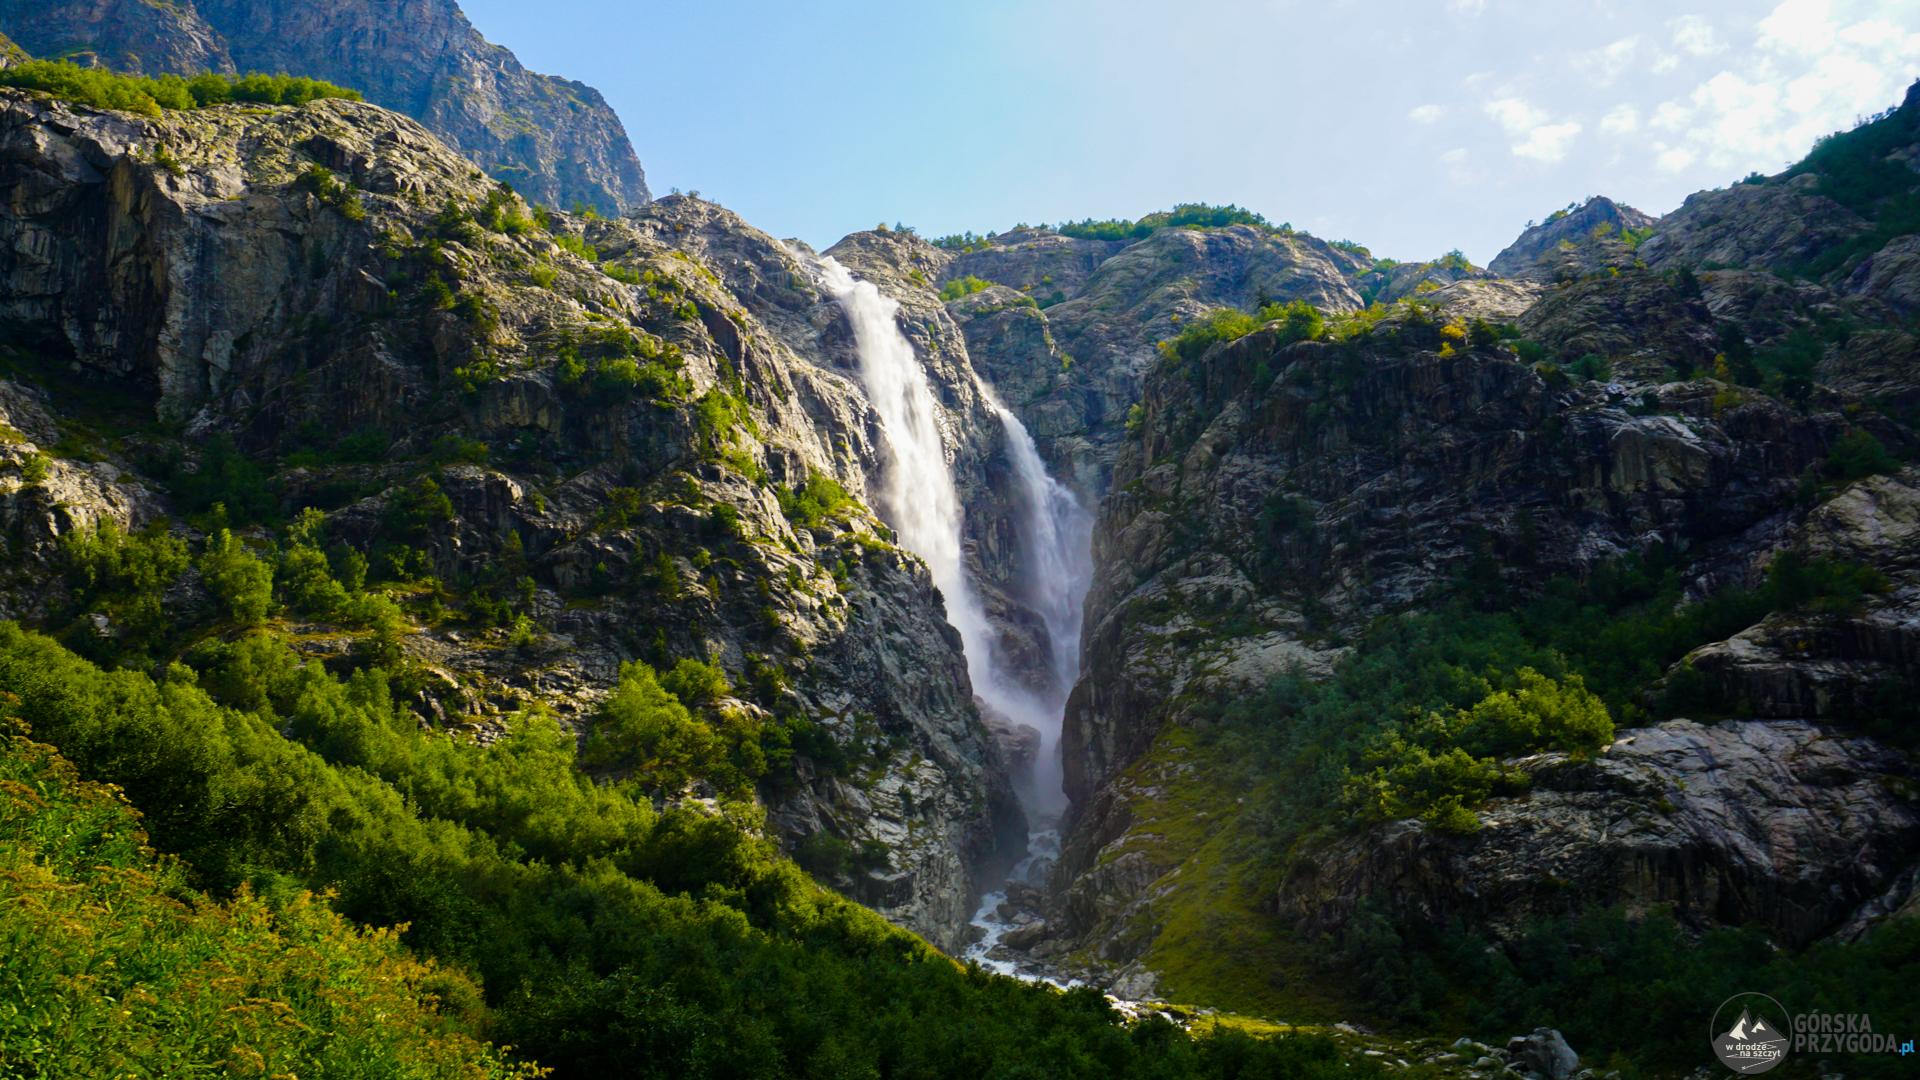 trekking pod lodowiec Uszby, wodospad Shdugra